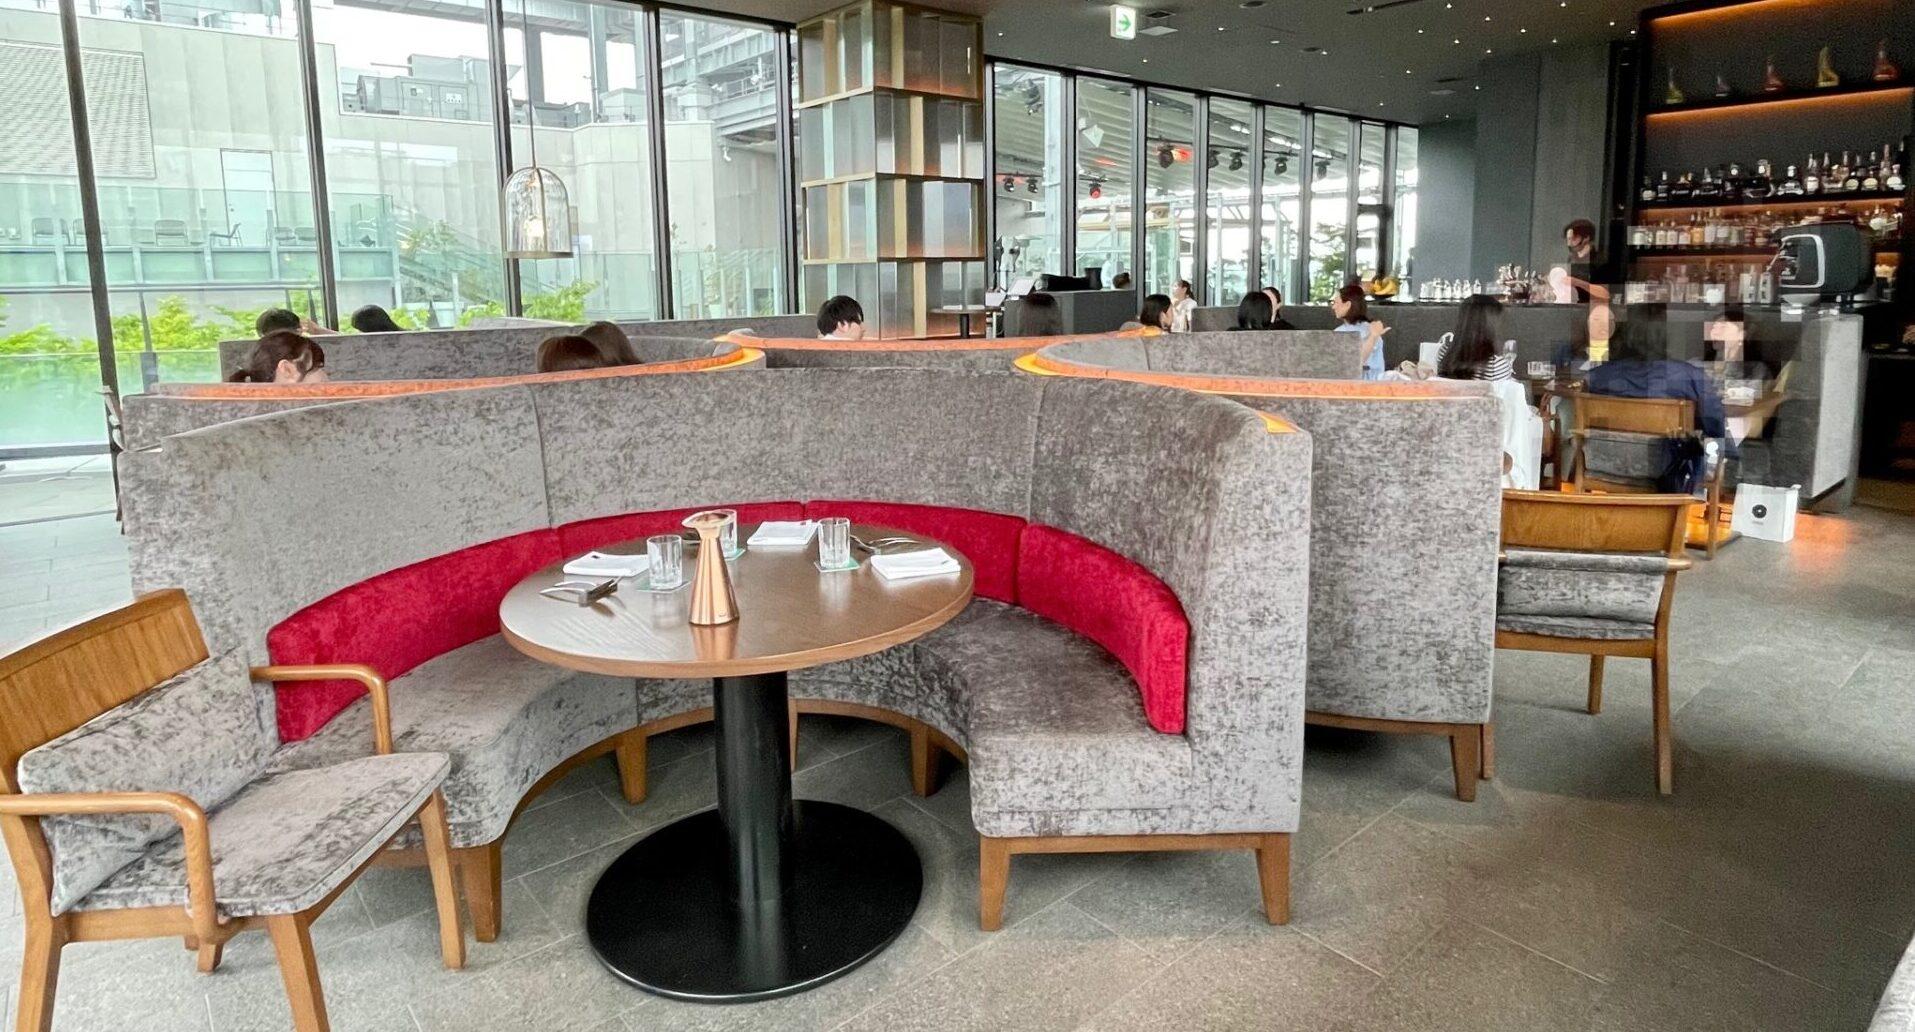 マリーナベイサンズ最上階レストランでとっておきランチ♡「セラヴィトウキョウ (CE LA VI TOKYO) 」